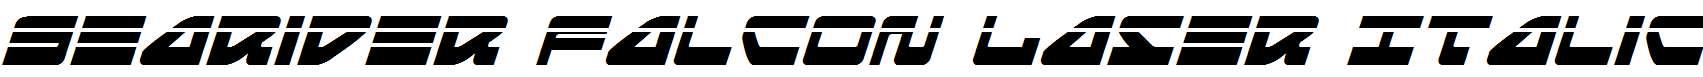 Searider-Falcon-Laser-Italic